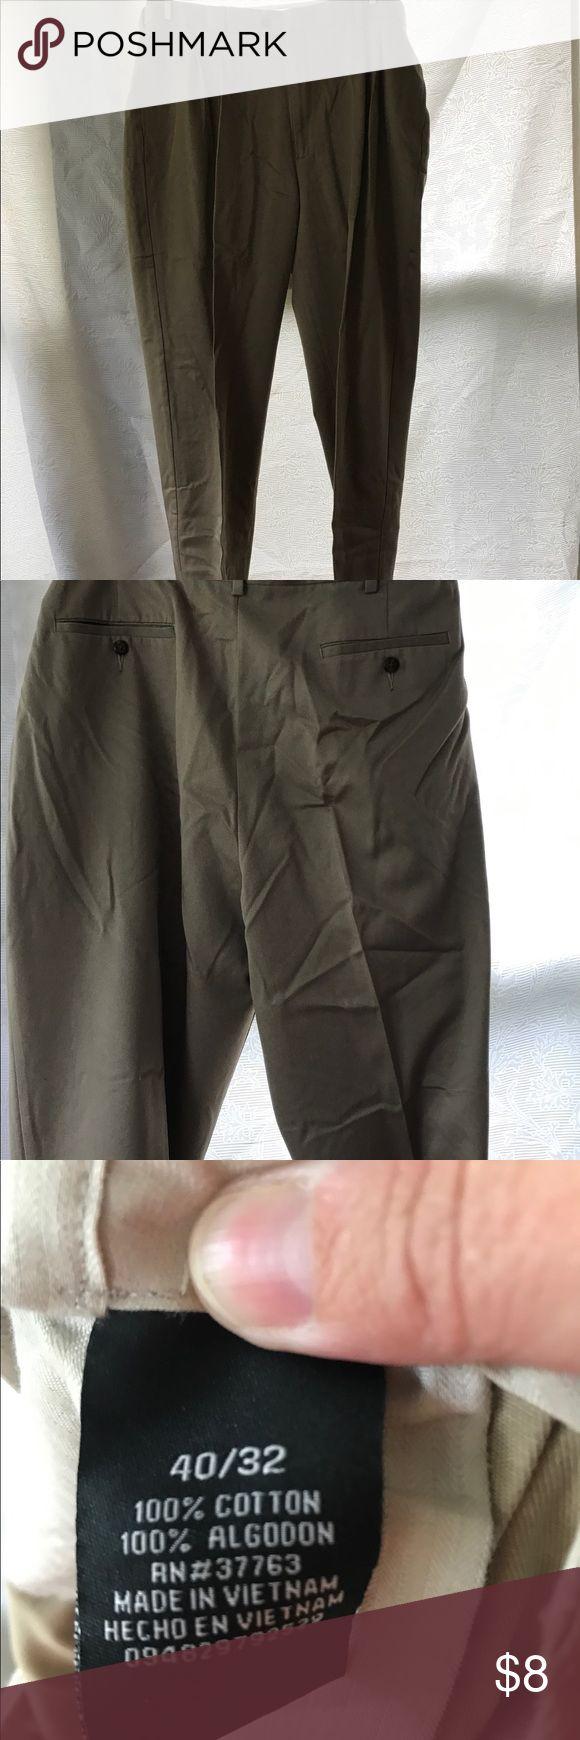 Men's dress slacks Men's dress slacks, size 40 x 32.  Excellent condition with no rips or stains Savane Pants Dress